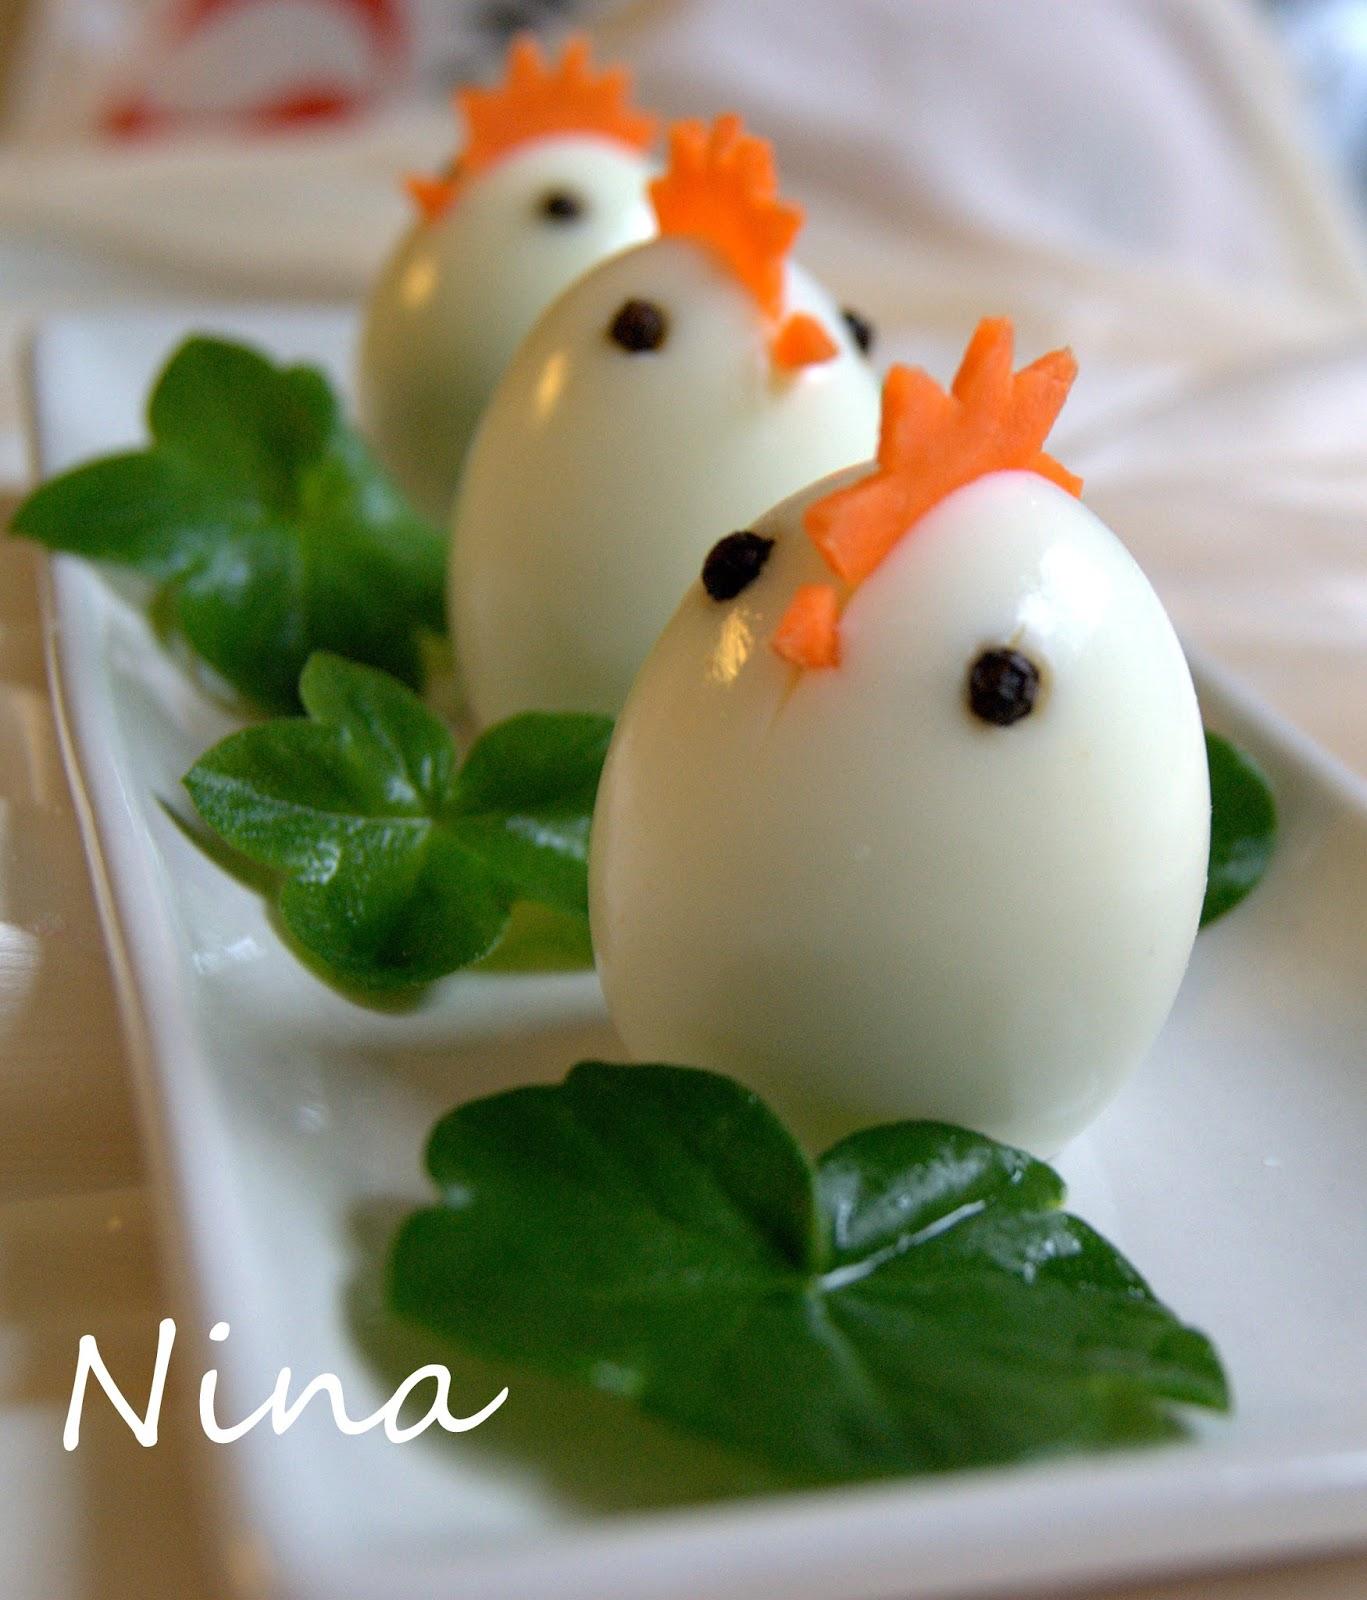 NINA'S RECIPES.....: CUTE EGGS APPETIZER